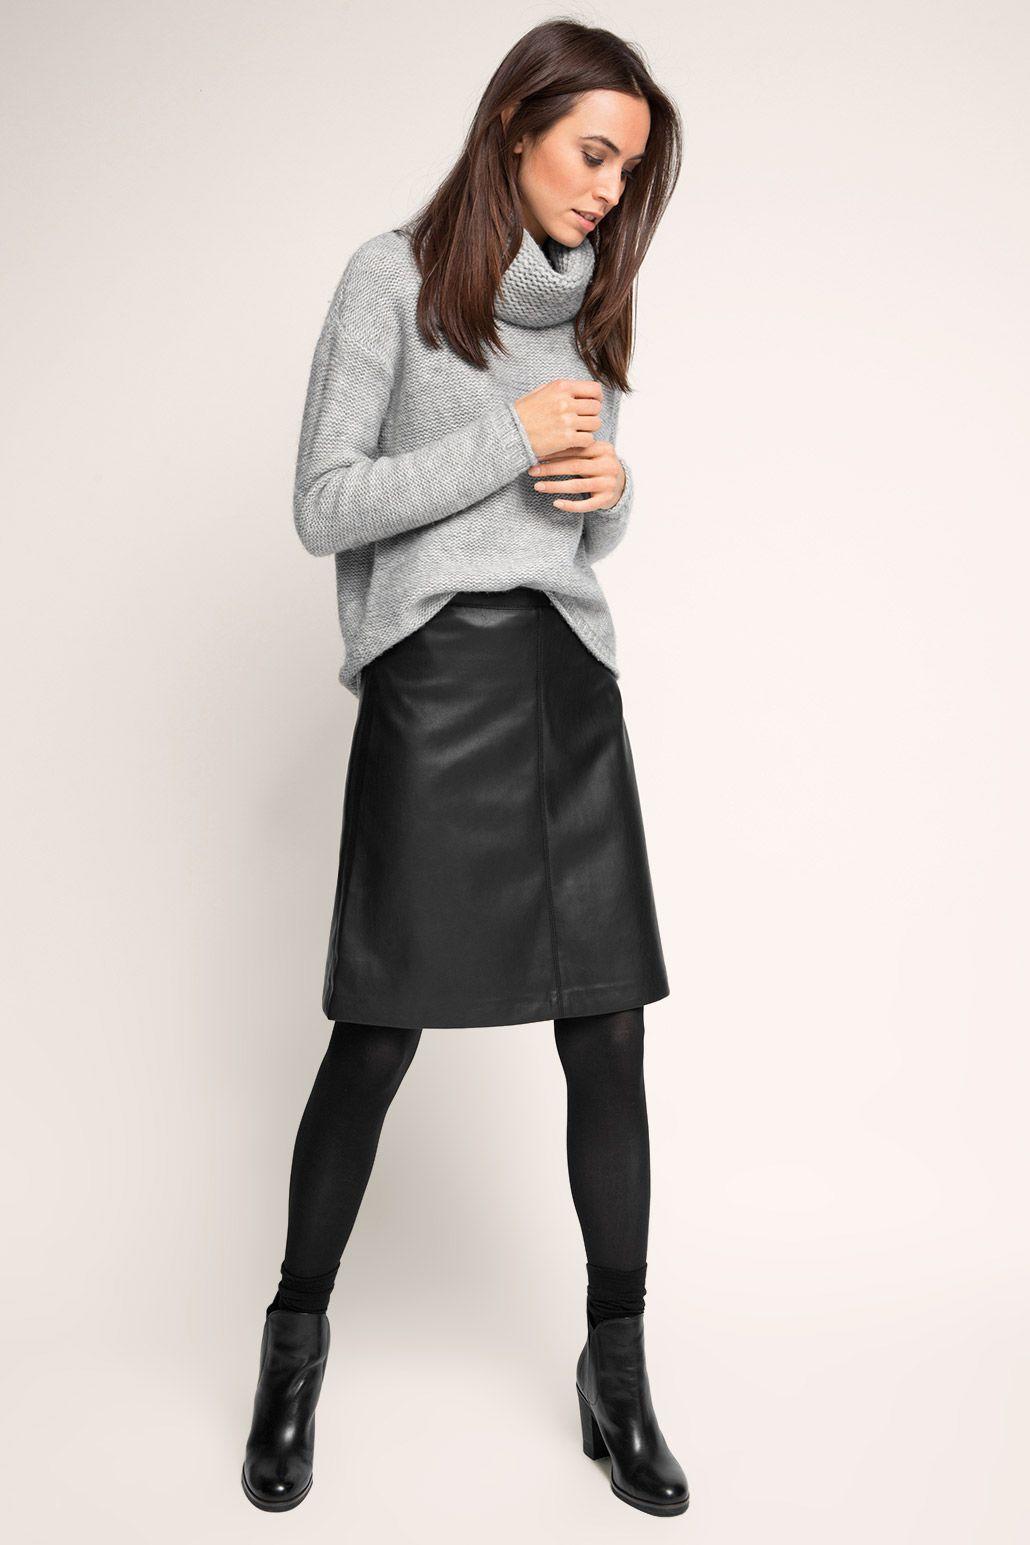 b0e43d015875 Esprit - Ausgestellter Rock im Leder-Look im Online Shop kaufen ...